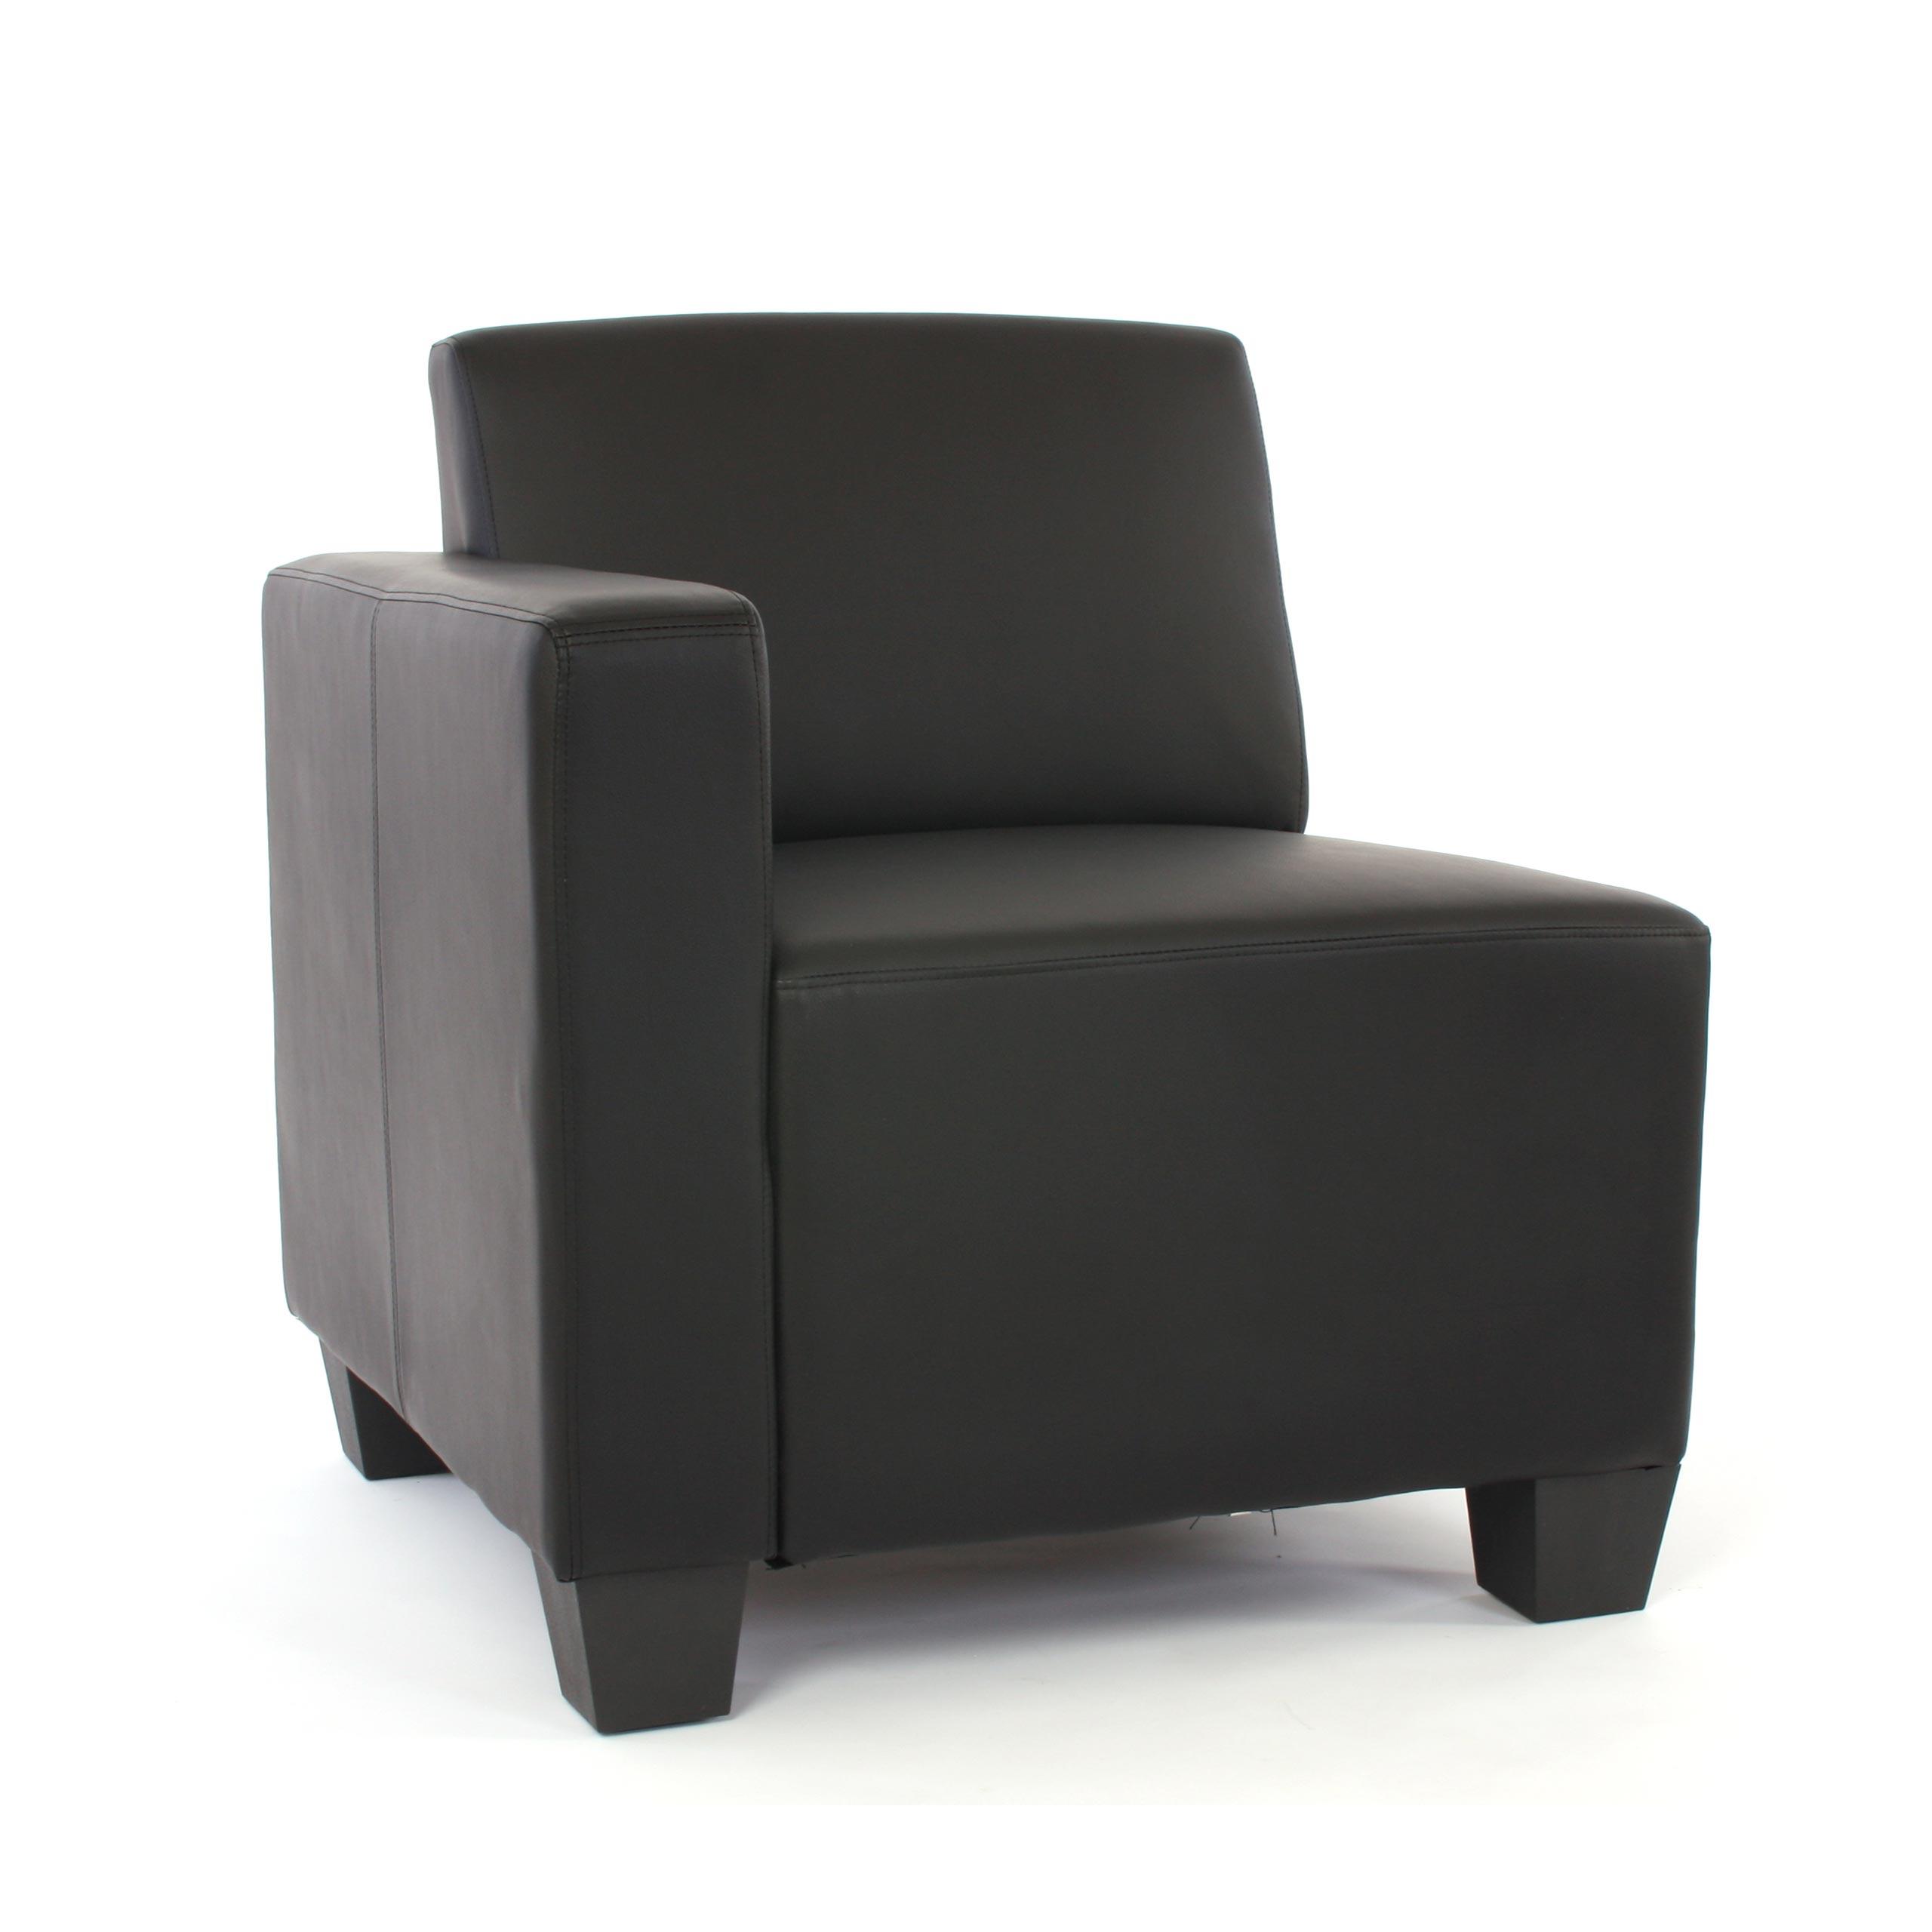 modular 2 sitzer sofa couch lyon kunstleder schwarz. Black Bedroom Furniture Sets. Home Design Ideas